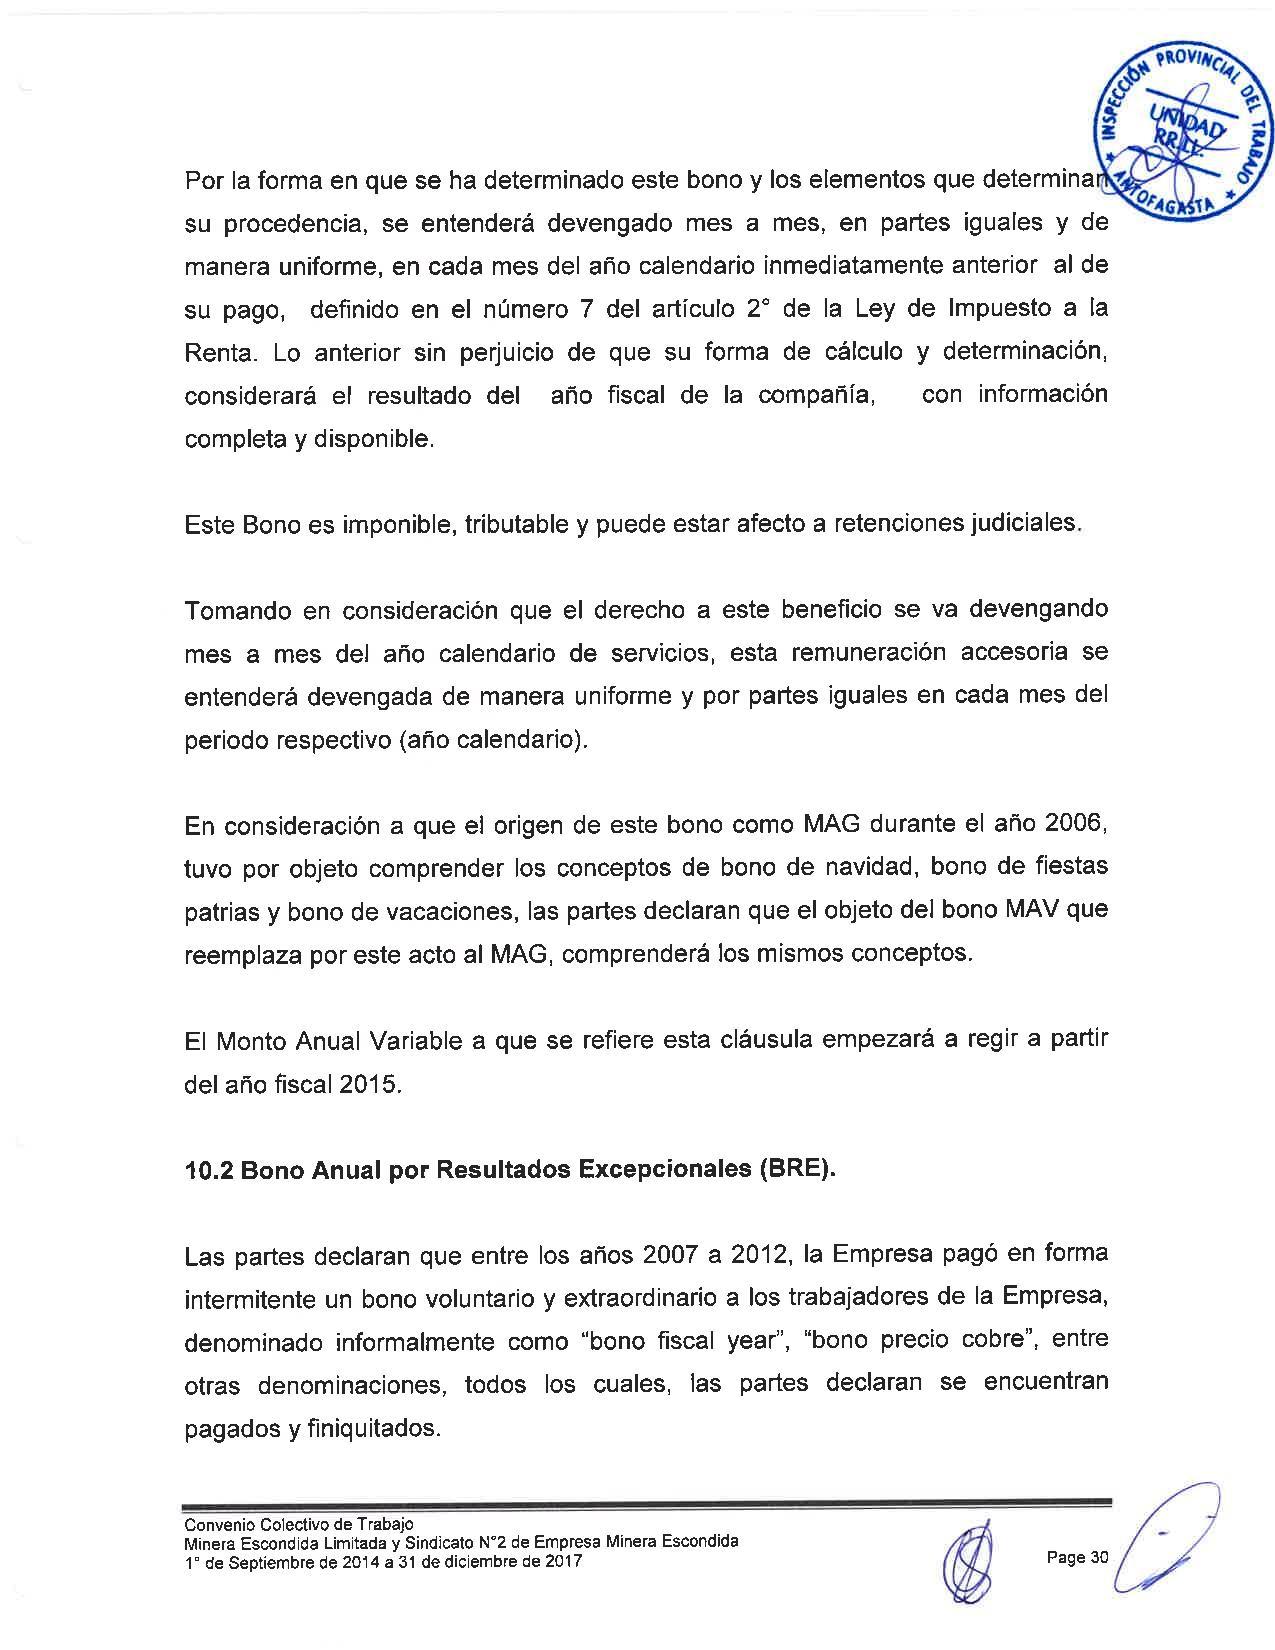 Página (30).jpg